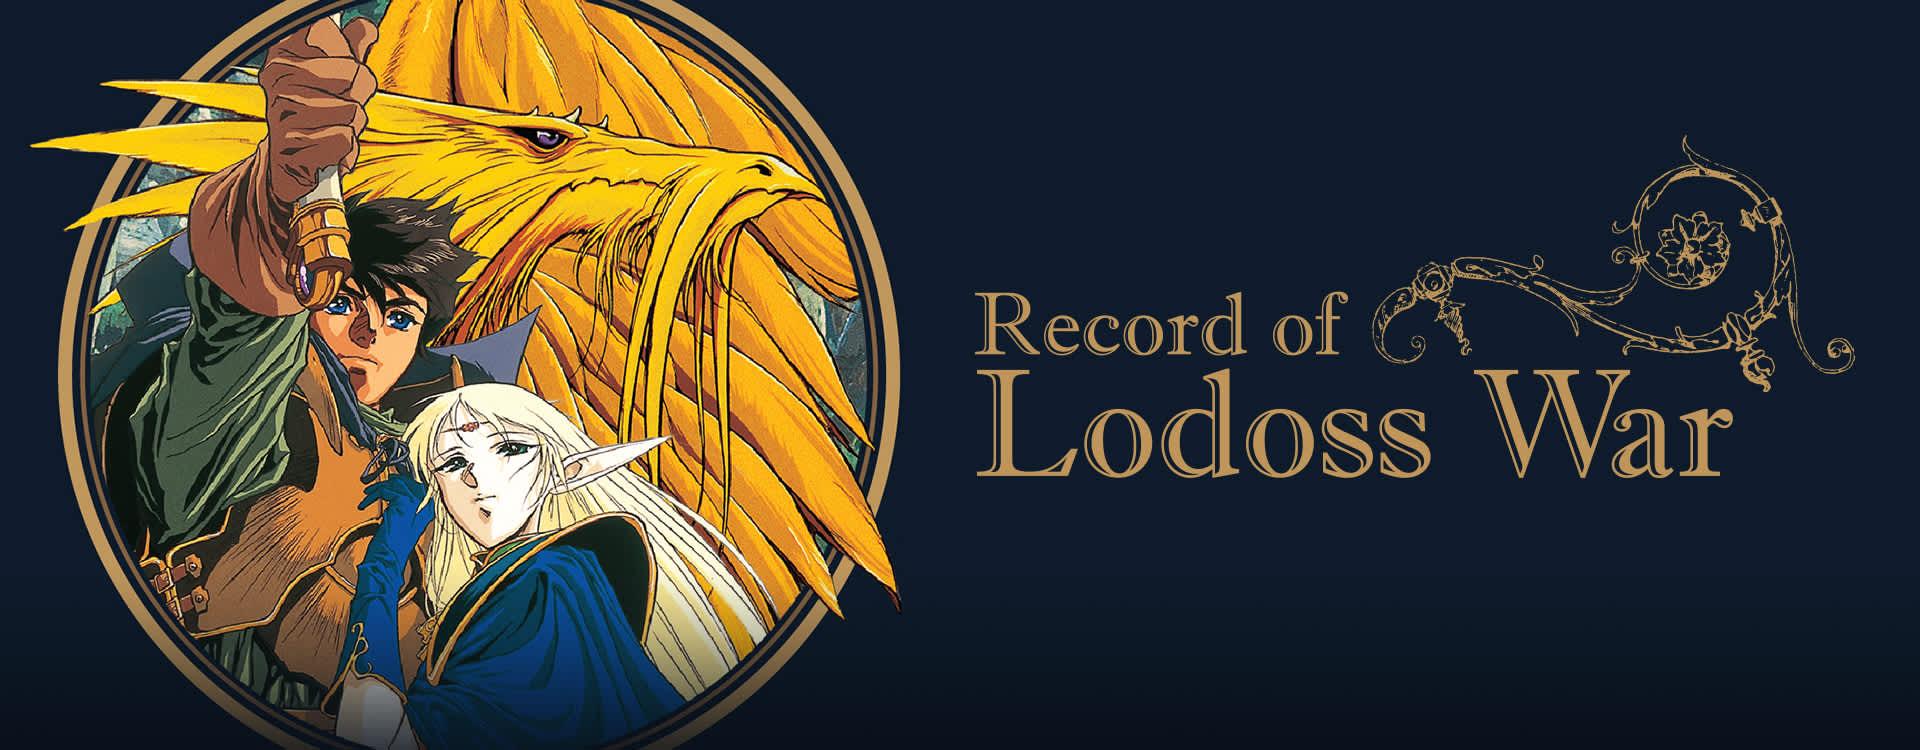 record of lodoss war ova download